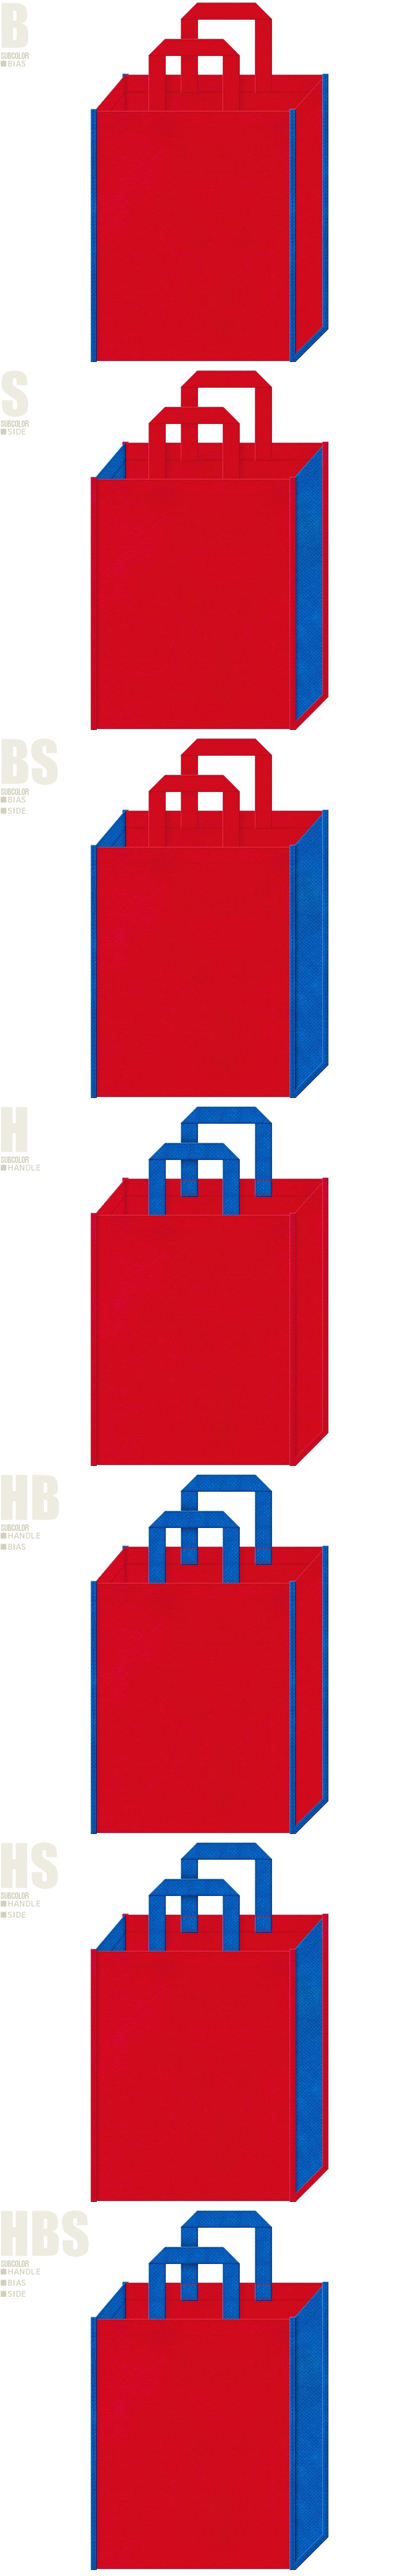 不織布トートバッグのデザイン:不織布カラーNo.35ワインレッドとNo.22スカイブルーの組み合わせ